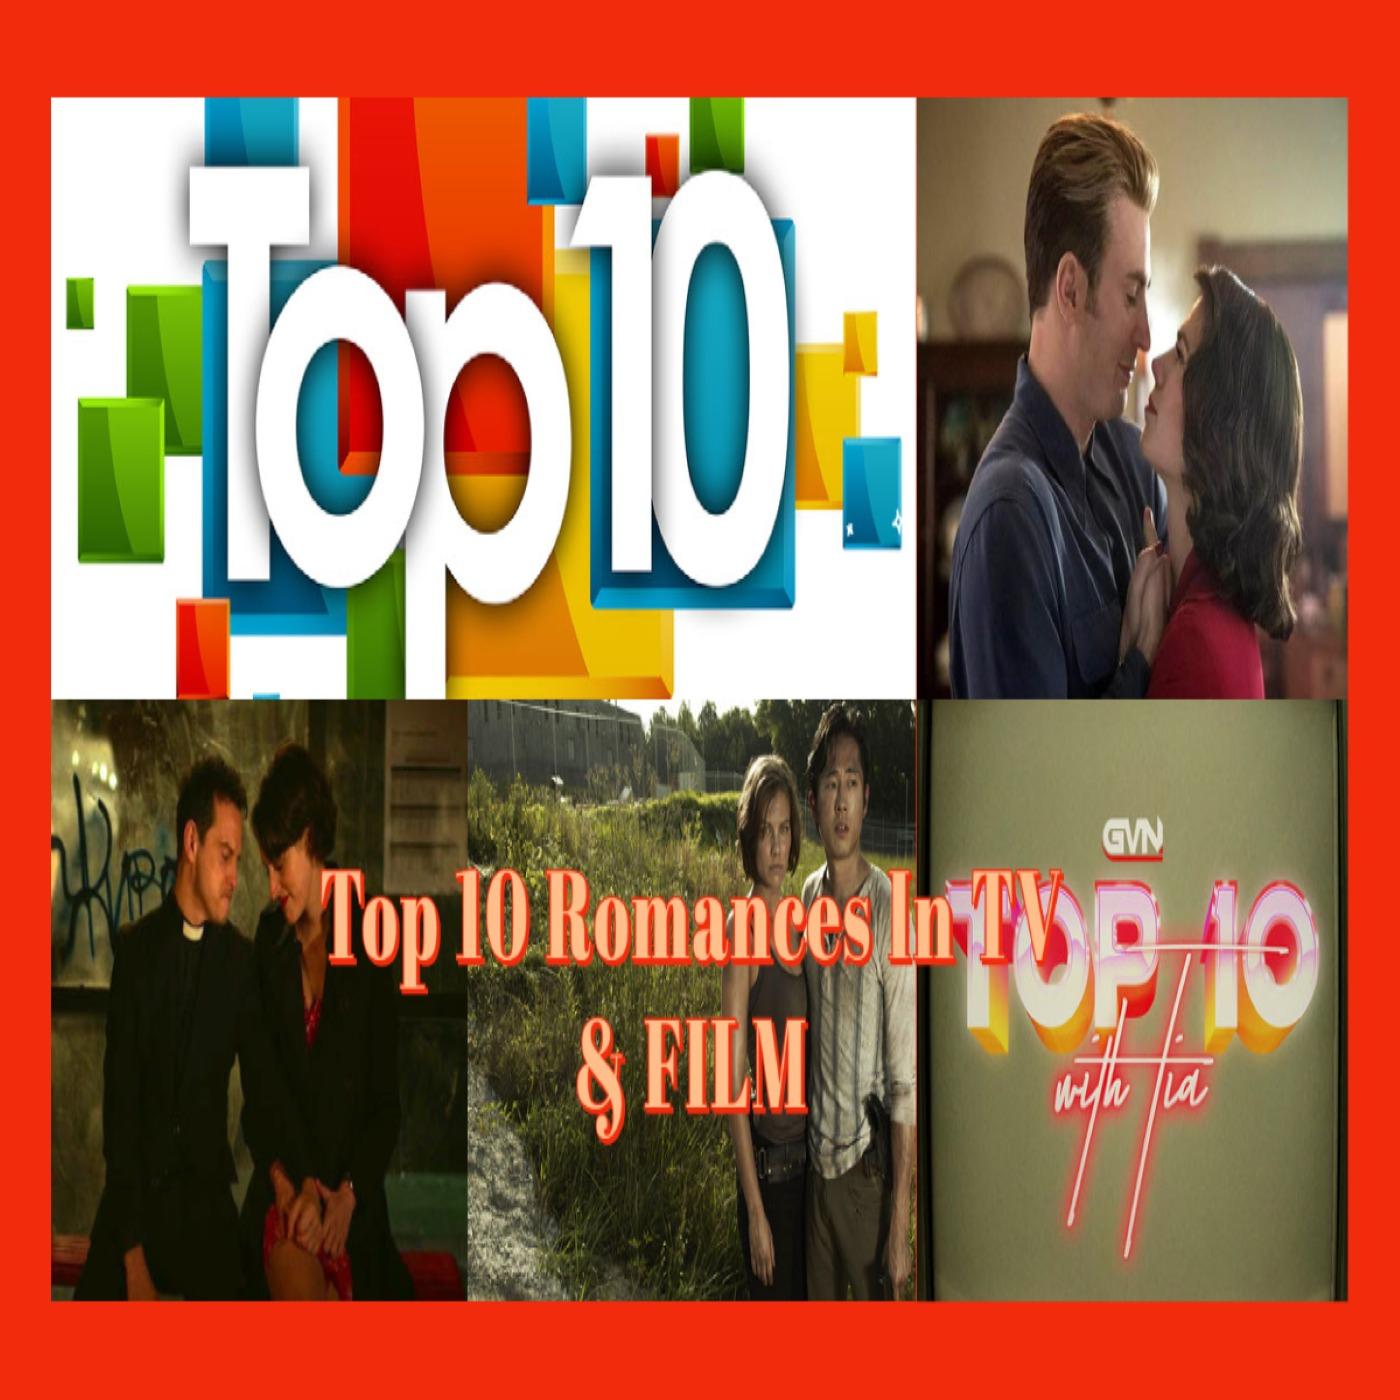 Top 10 Romances in TV & FILM